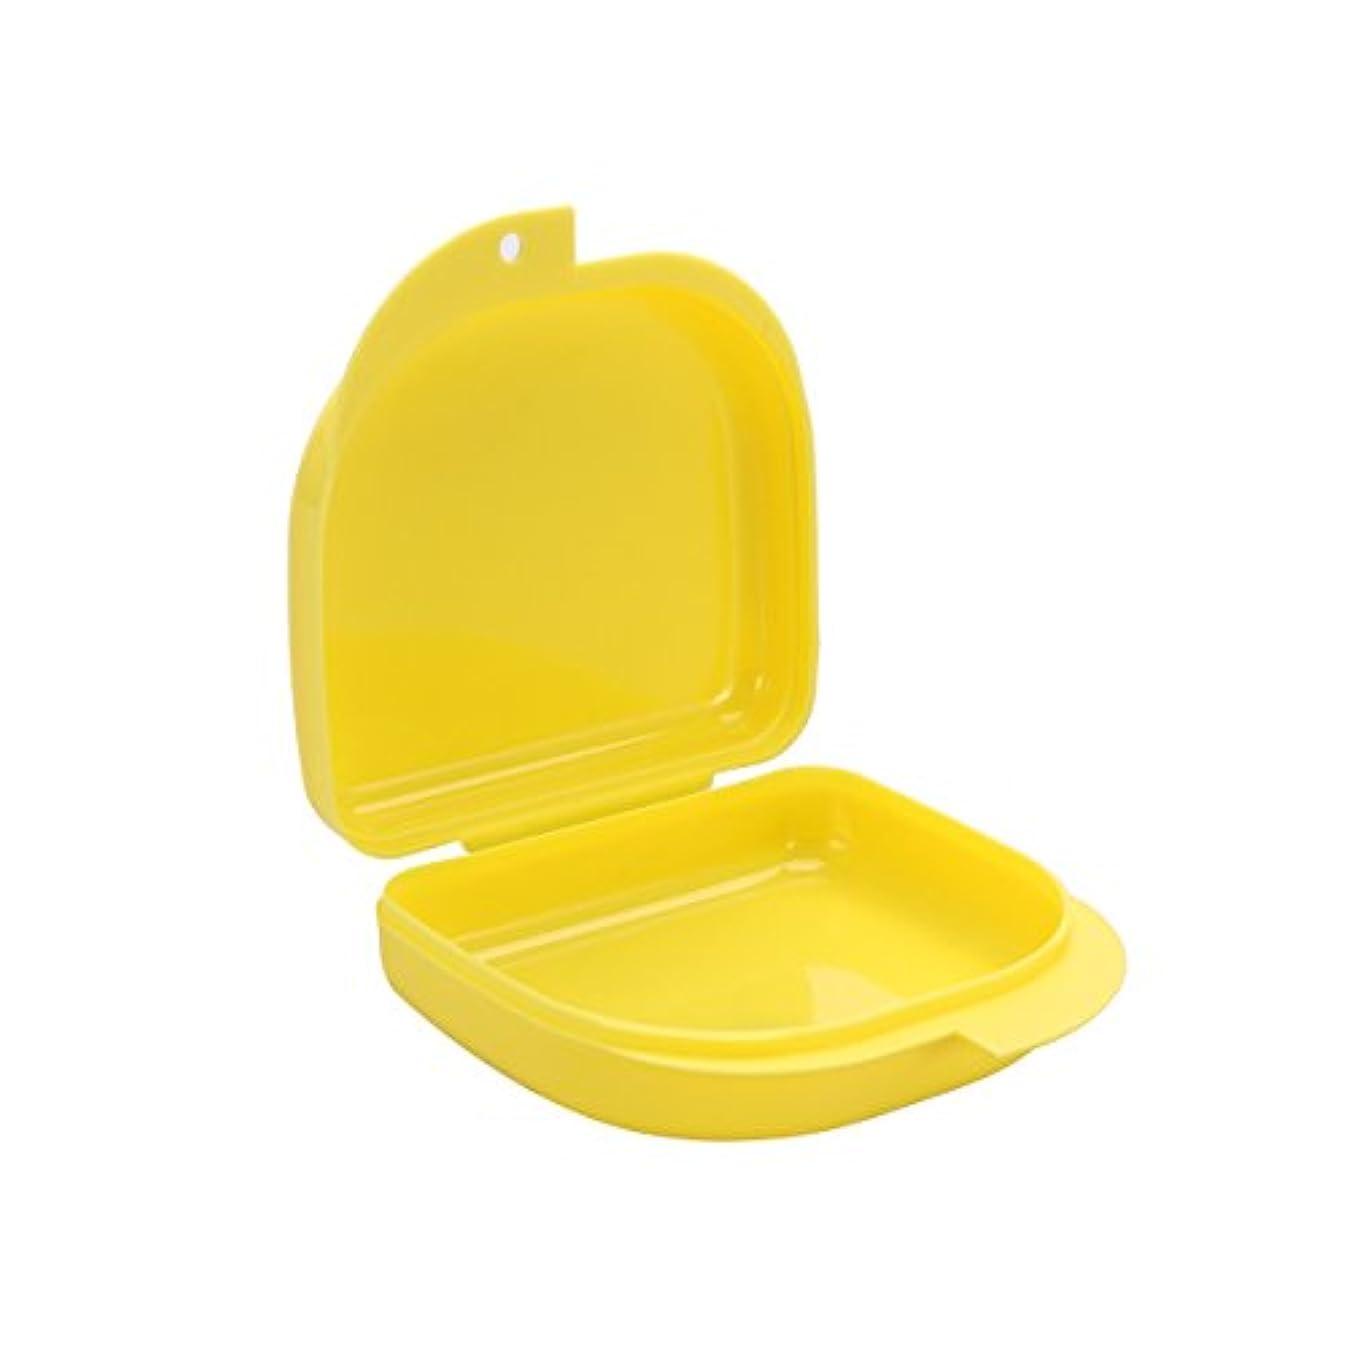 十分に強制的影ROSENICE 義歯ケース口ガードケース義歯ボックス義歯収納容器(黄色)